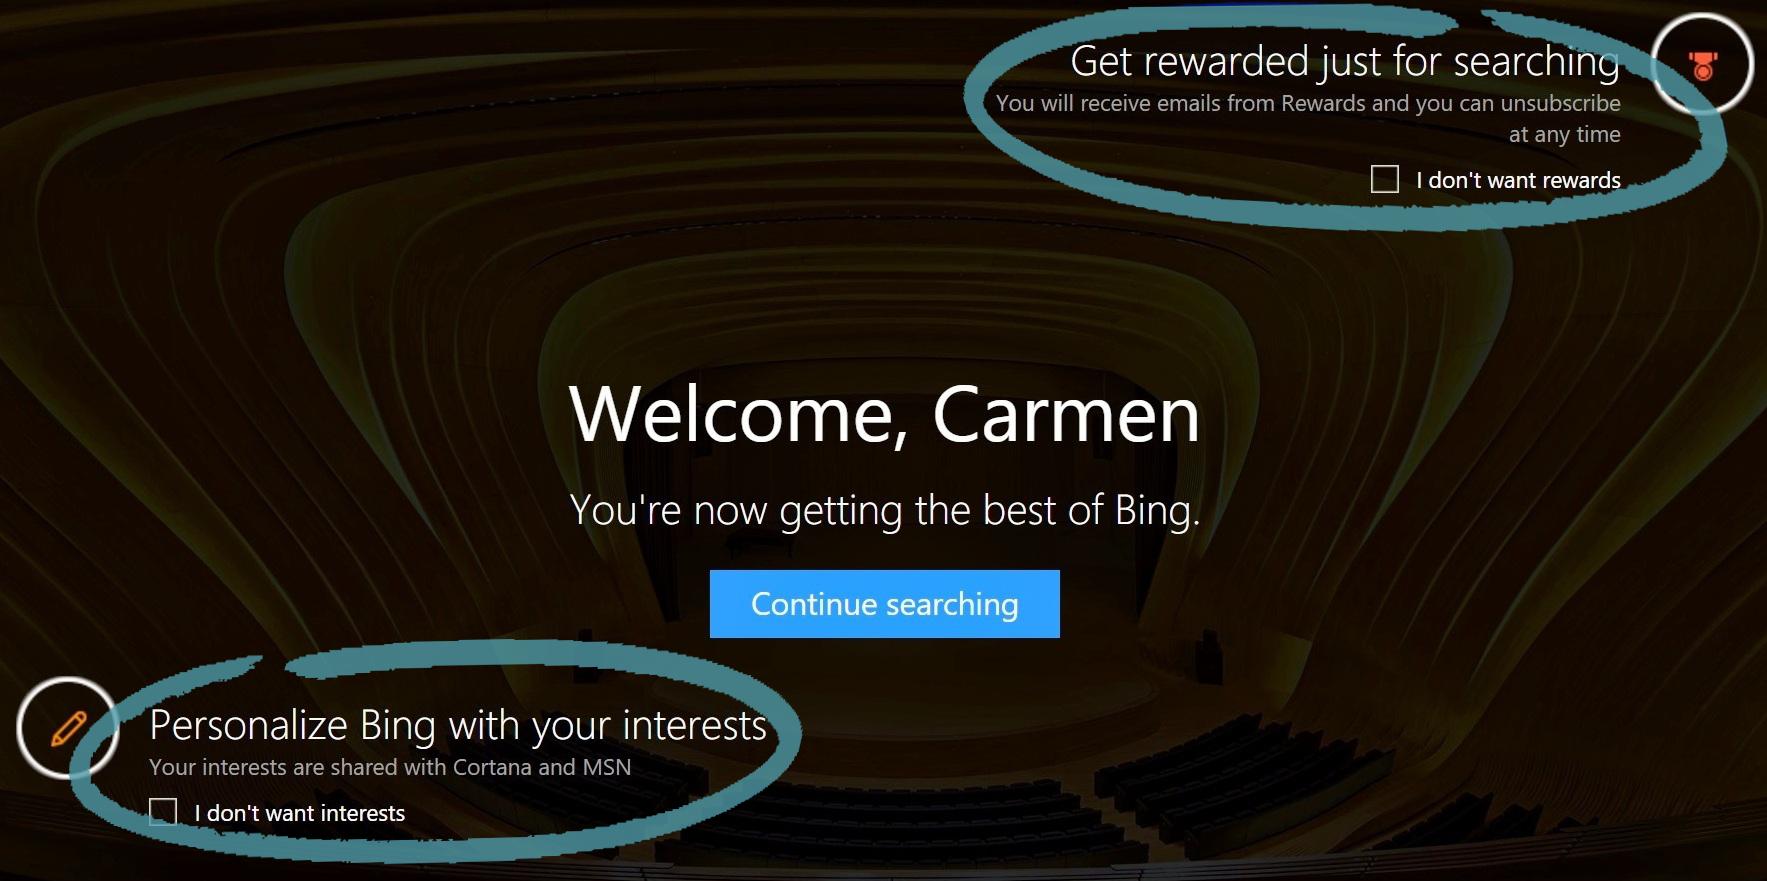 A Bing kezdőlapja a Jutalmak és az Érdeklődési körök jóváhagyásával